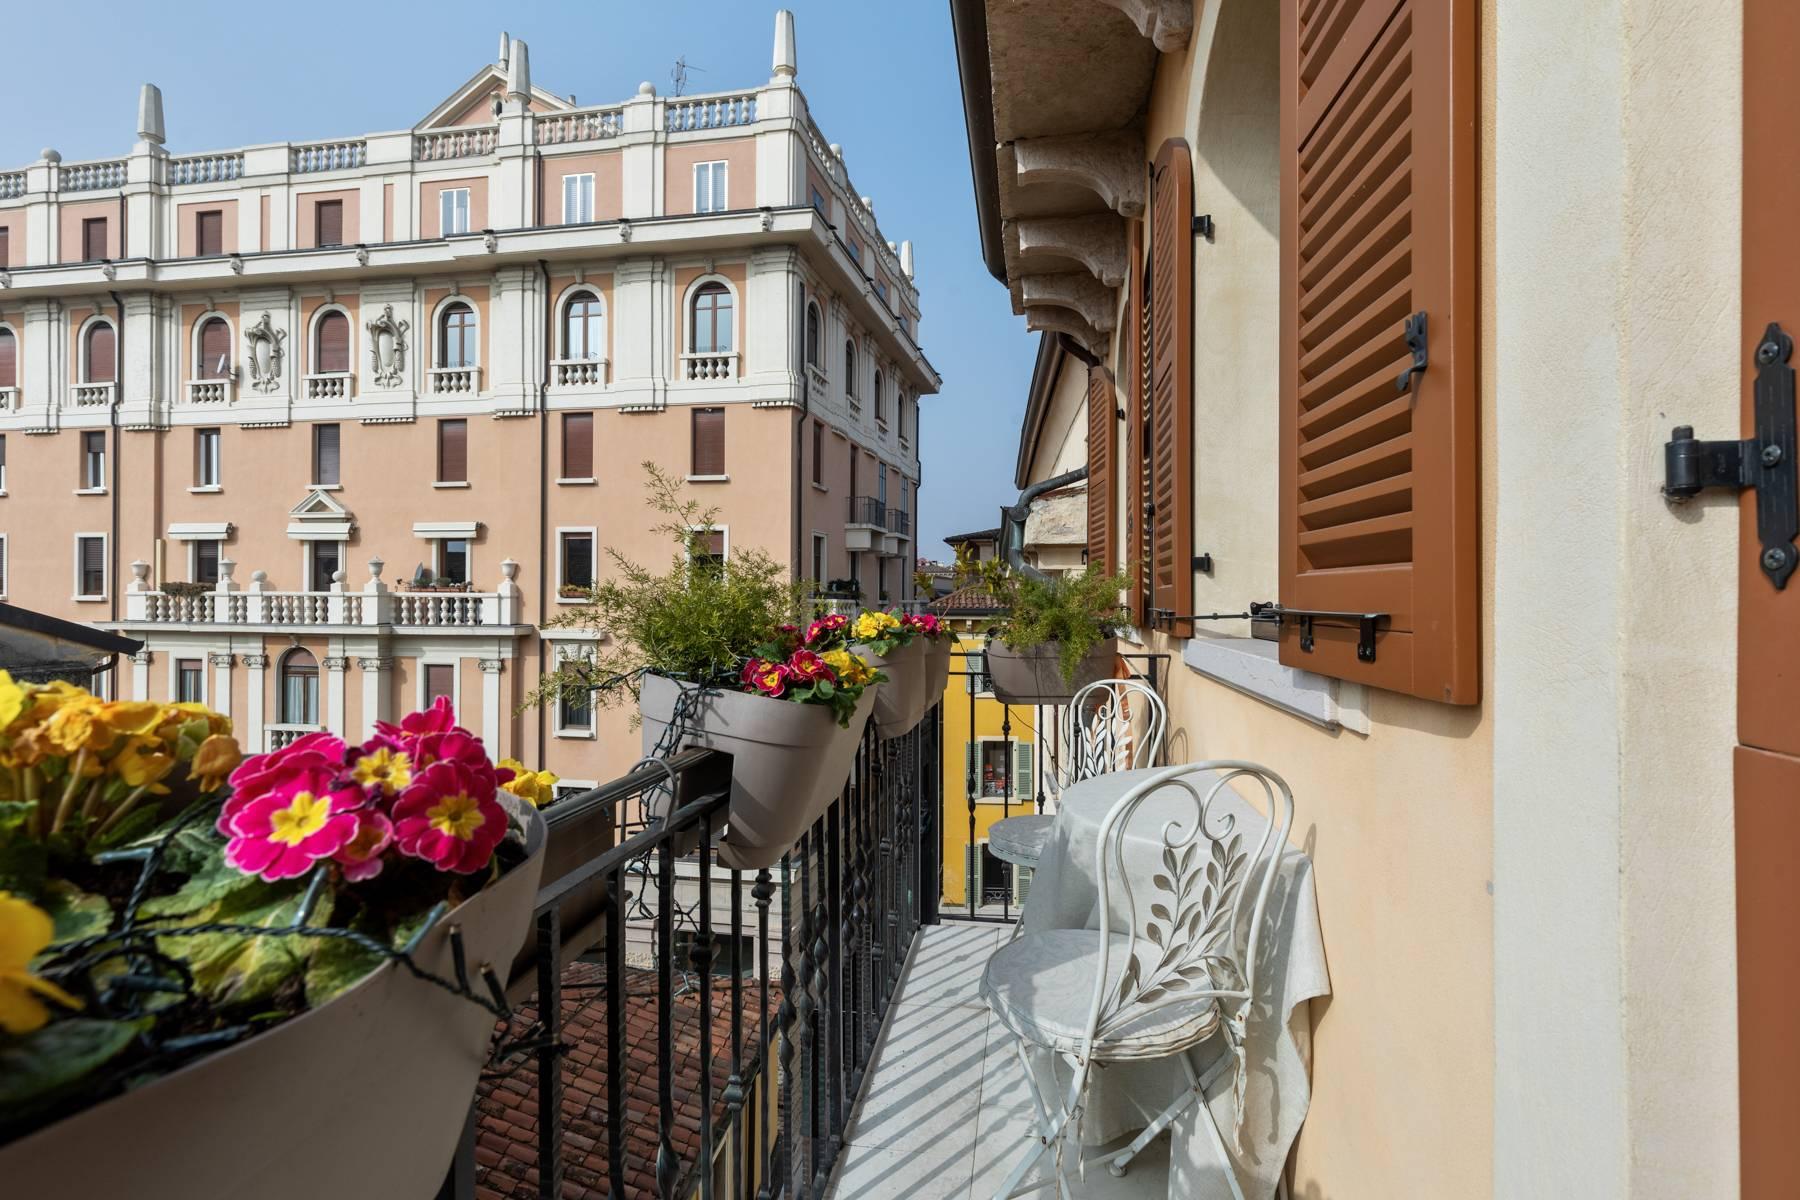 Attico in Vendita a Verona: 5 locali, 184 mq - Foto 15